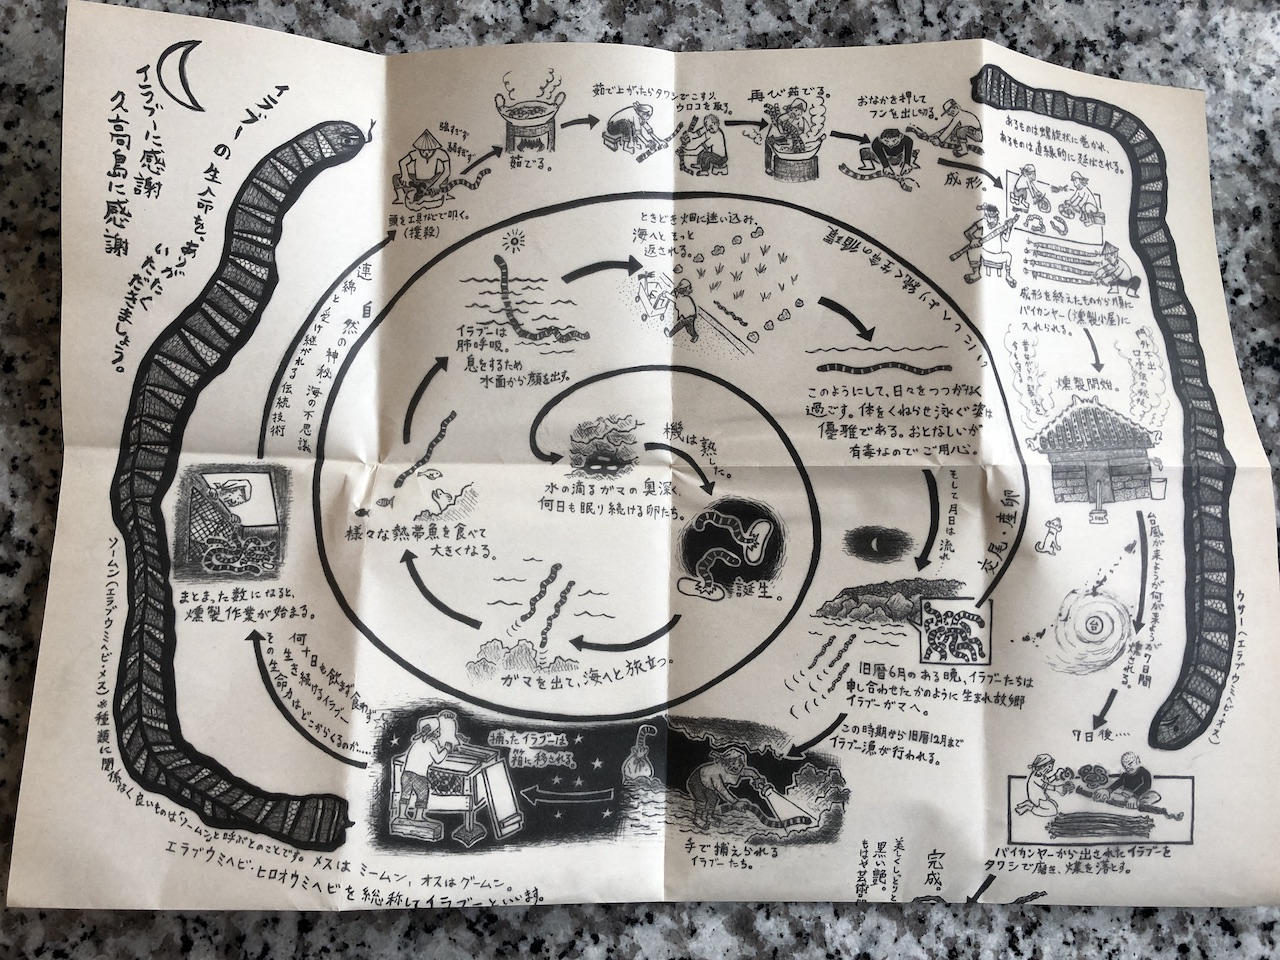 海蛇の粉 説明書1